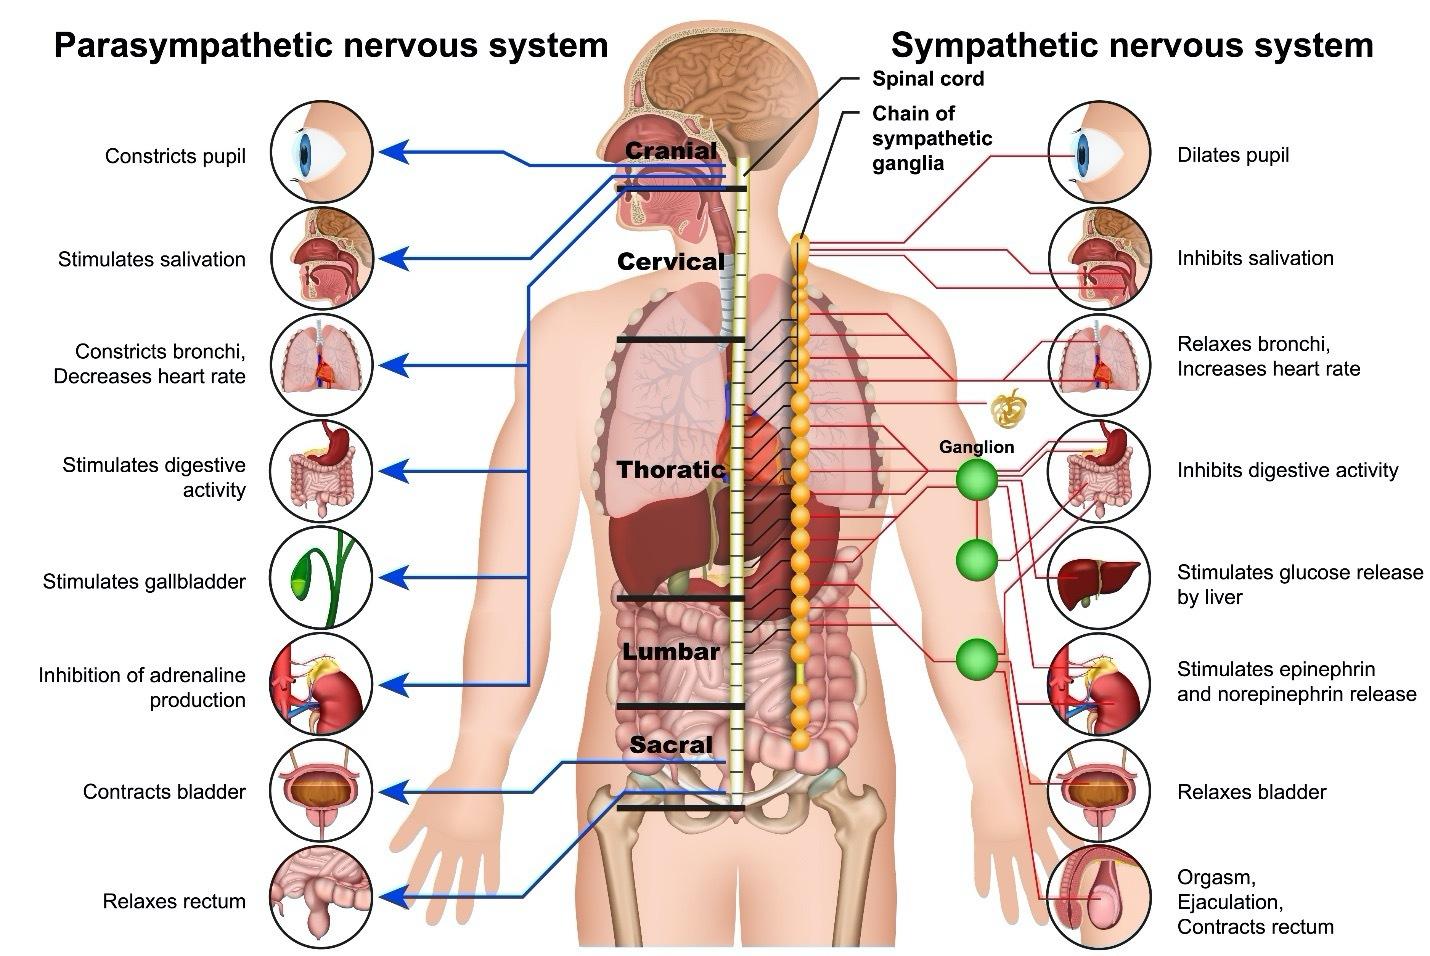 Sympathetic and Parasympathetic Nervous Systems diagram